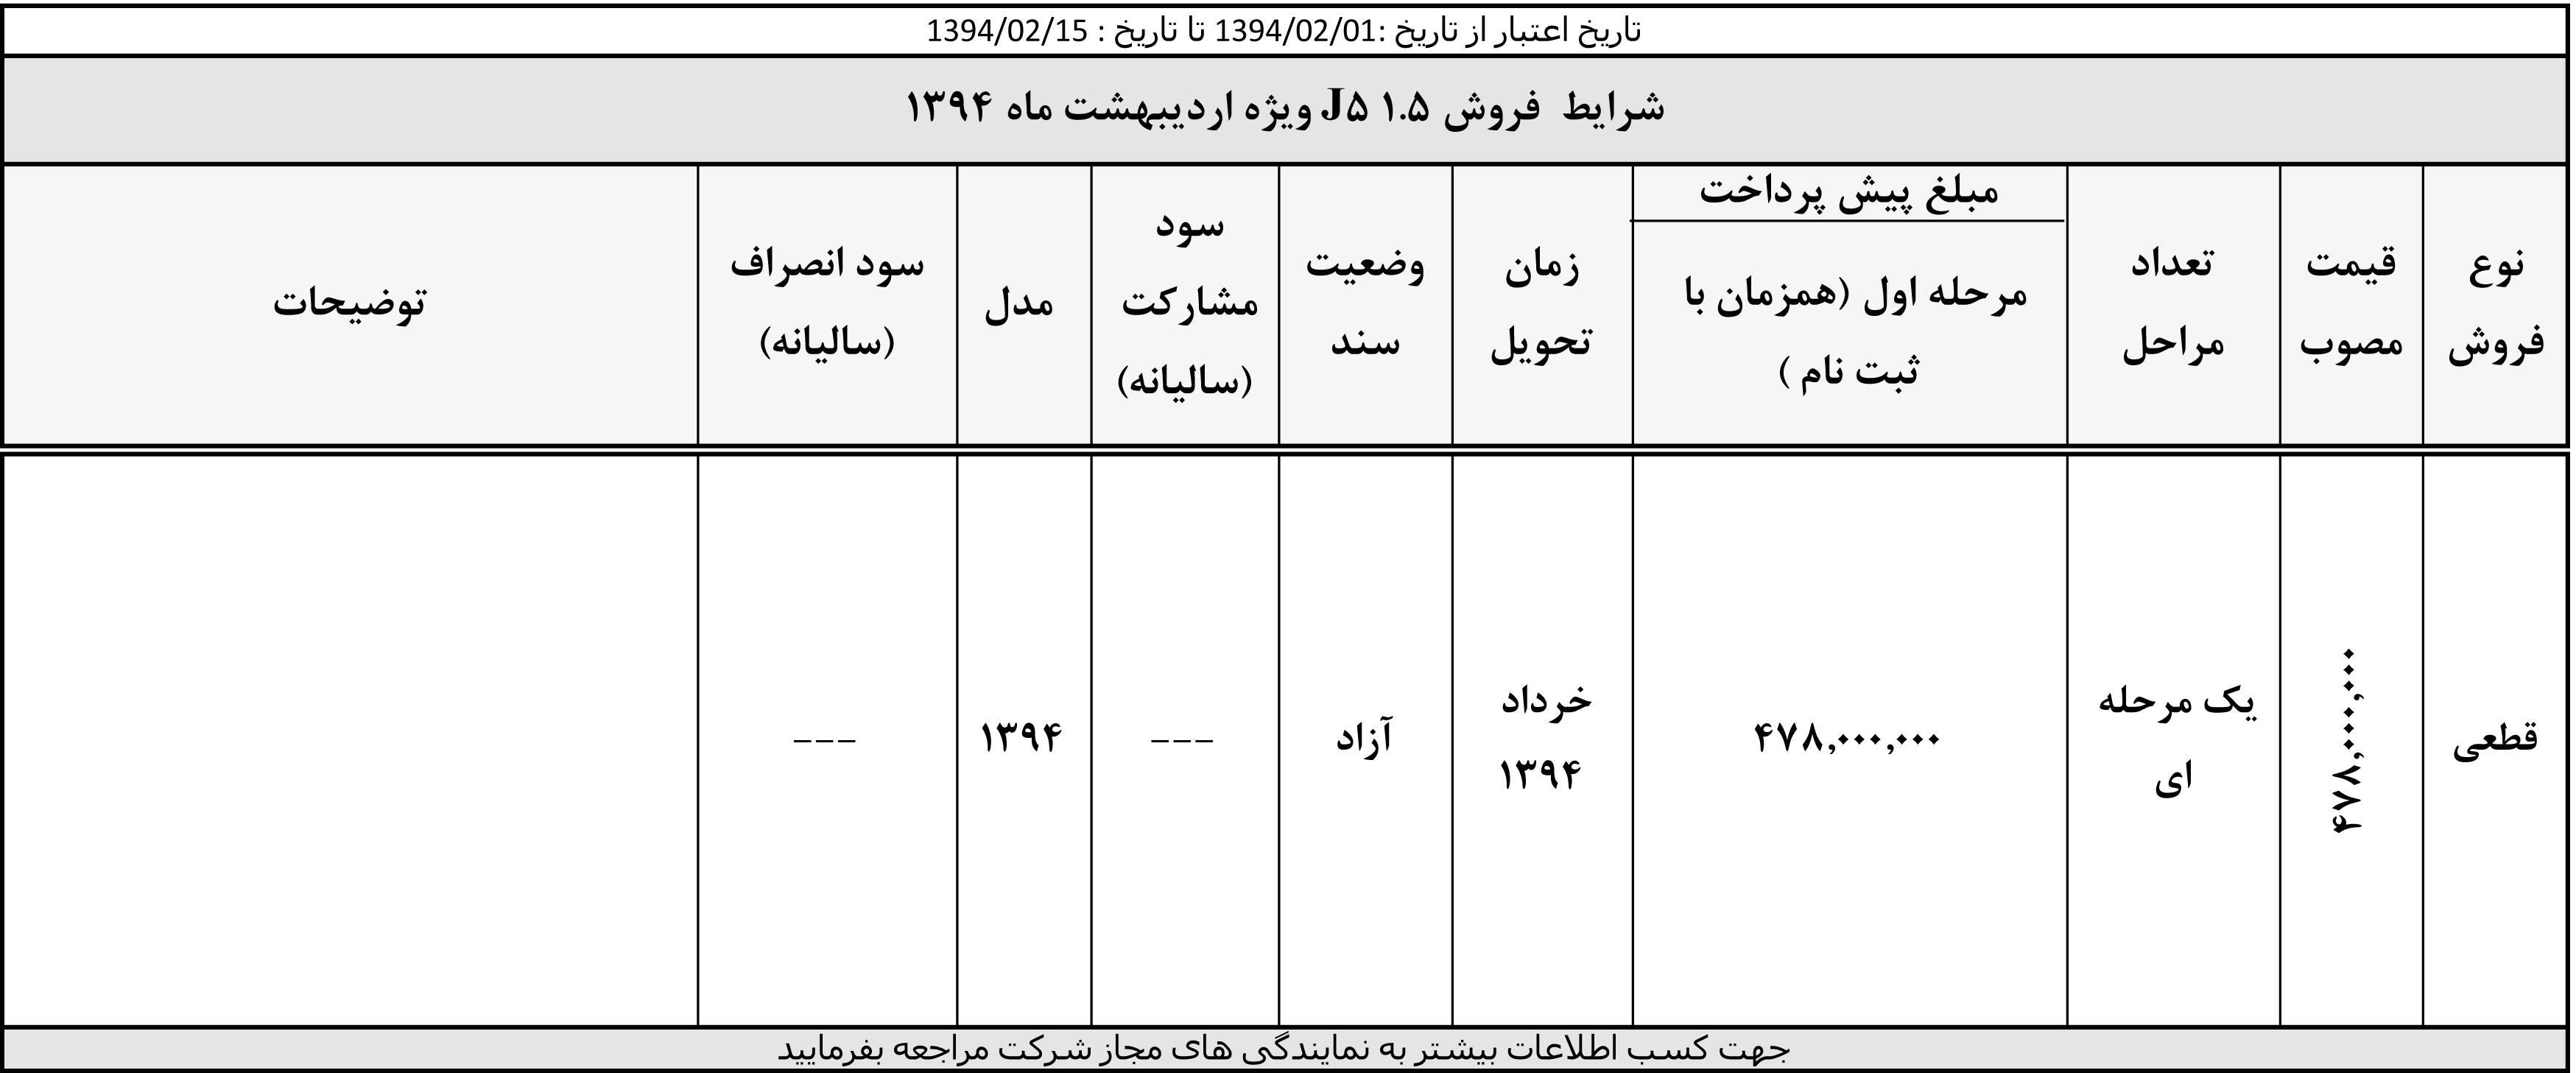 شرایط فروش جدید کرمان موتور اردیبهشت 94